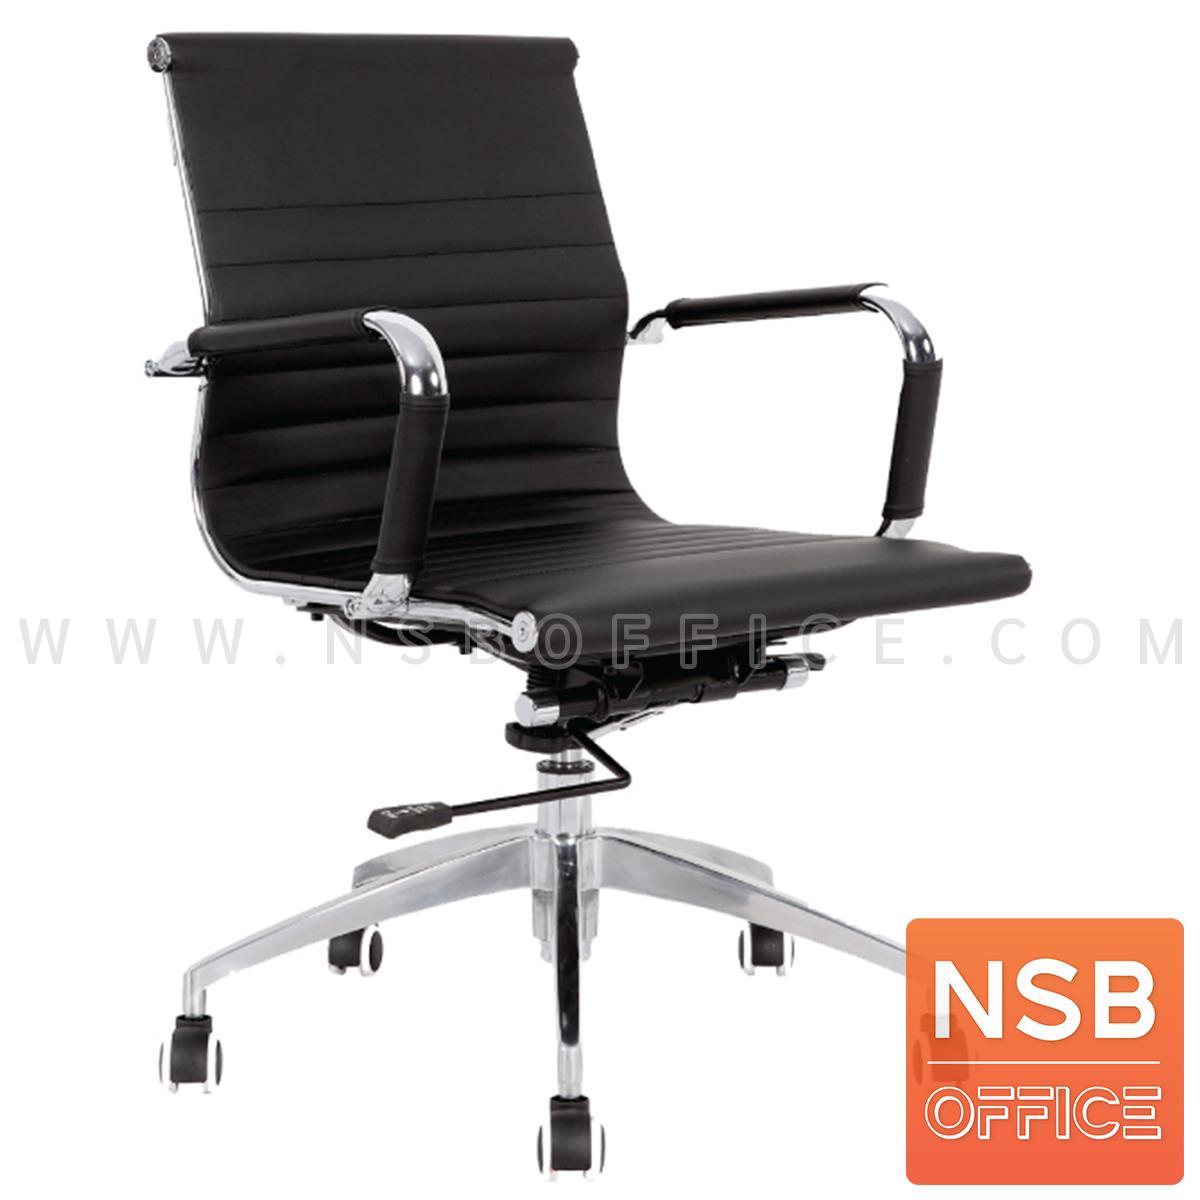 B03A516:เก้าอี้ผู้บริหาร รุ่น Lomosonic (โลโมโซนิค)  โช๊คแก๊ส ก้อนโยก ขาอลูมิเนียม